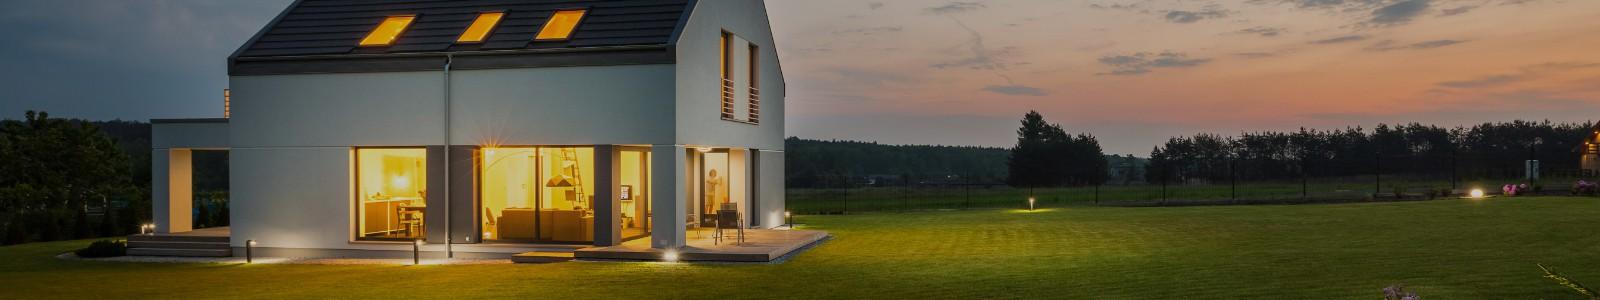 Projekty Małych Domów Od 100m2do150m2 | Mały Dom